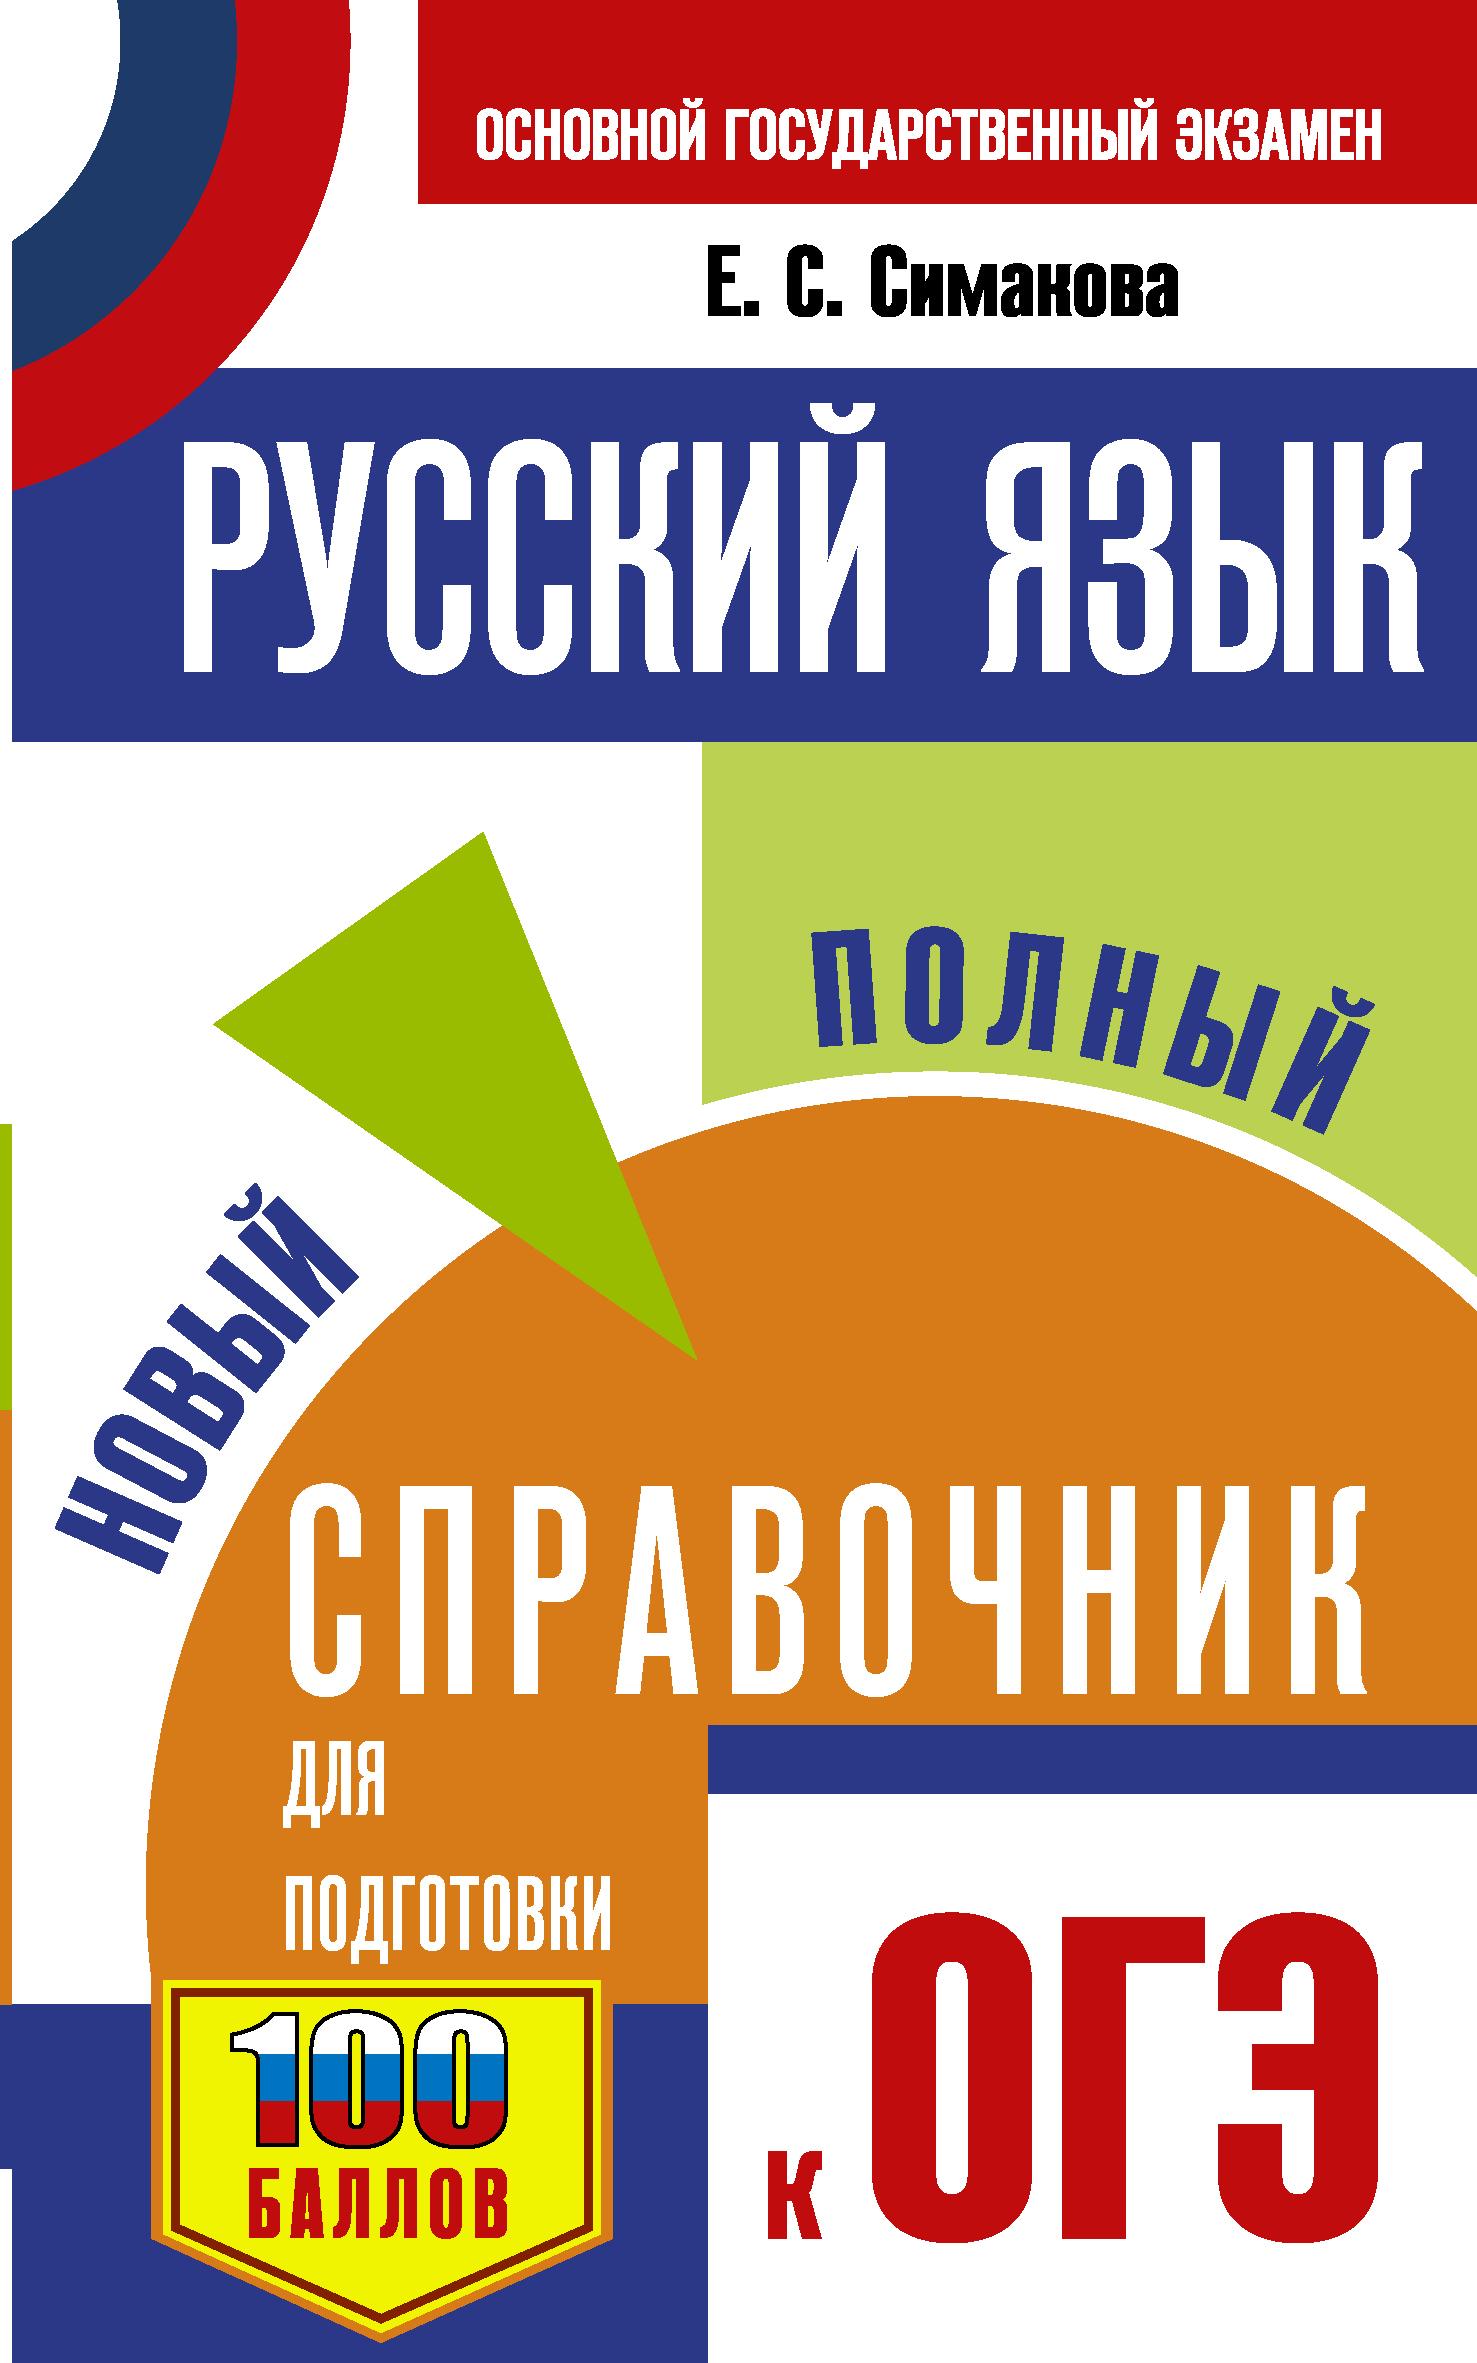 Симакова Е.С. ОГЭ. Русский язык. Новый полный справочник для подготовки к ОГЭ